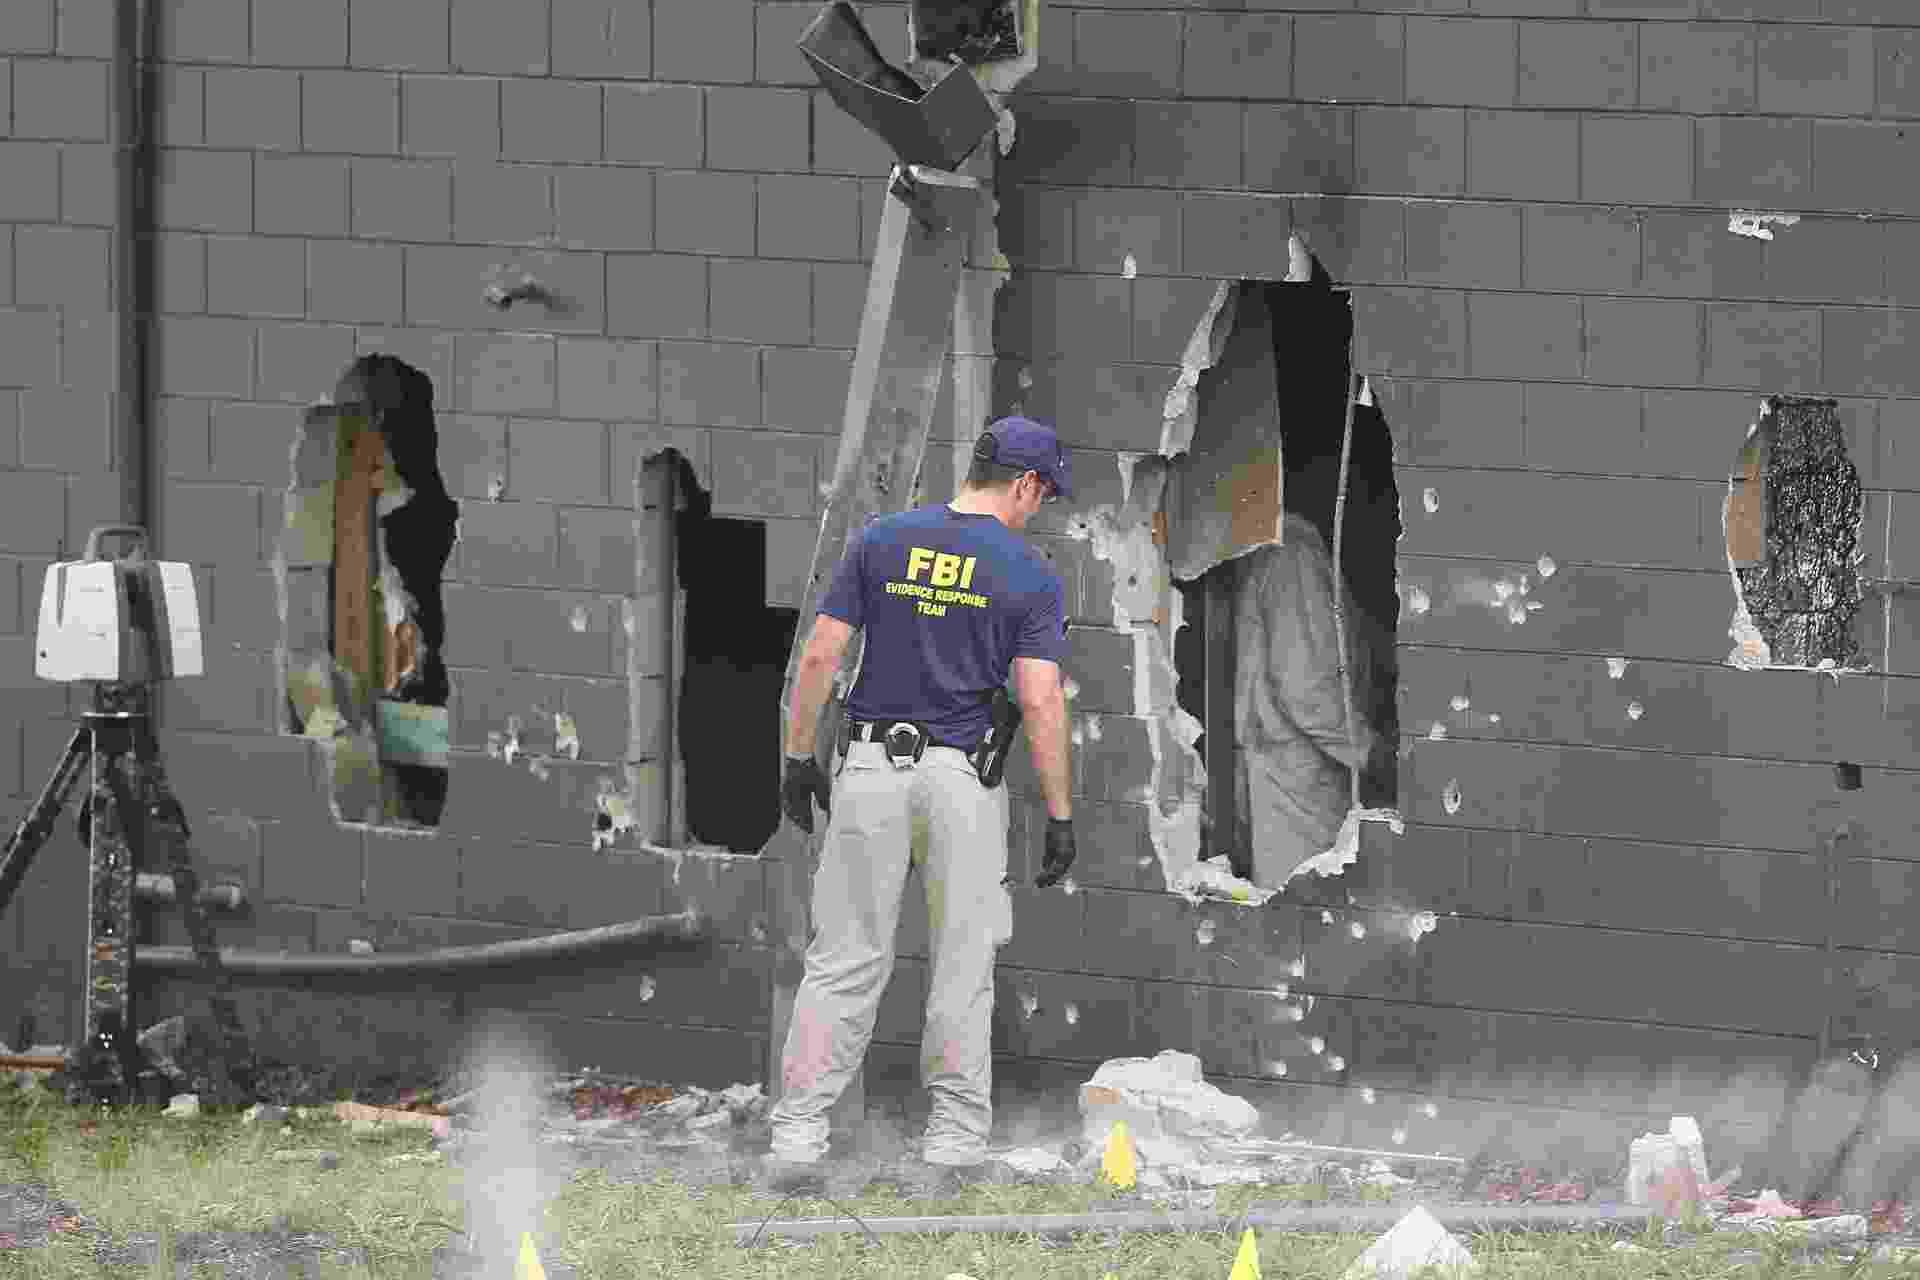 12.jun.2016 - Agentes do FBI inspecionam a parede traseira danificada da boate gay Pulse, onde Omar Mateen, 29, abriu fogo matando 50 pessoas e ferindo 53, em Orlando, na Florida (EUA) - Joe Raedle/Getty Images/AFP